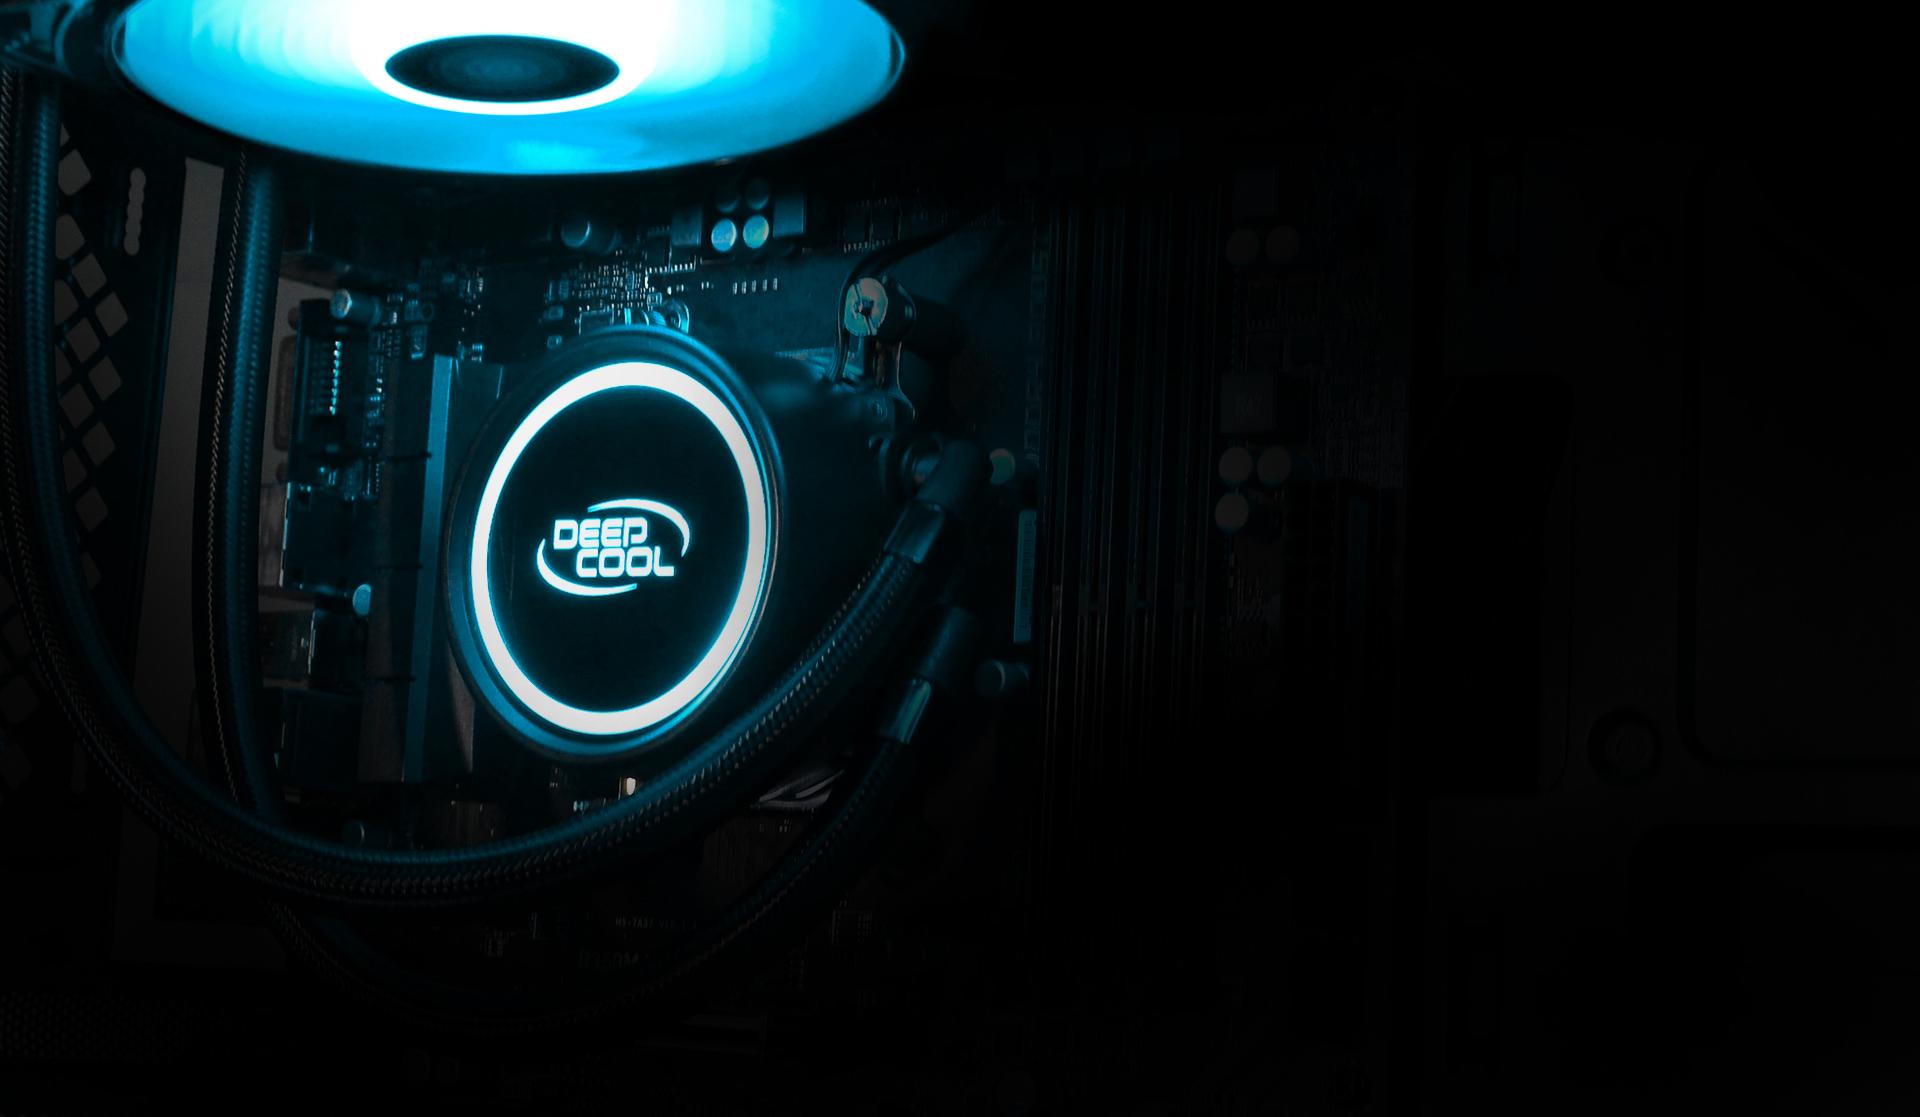 خرید خنک کننده سی پی یو دیپ کول مدل GAMMAXX L120 V2